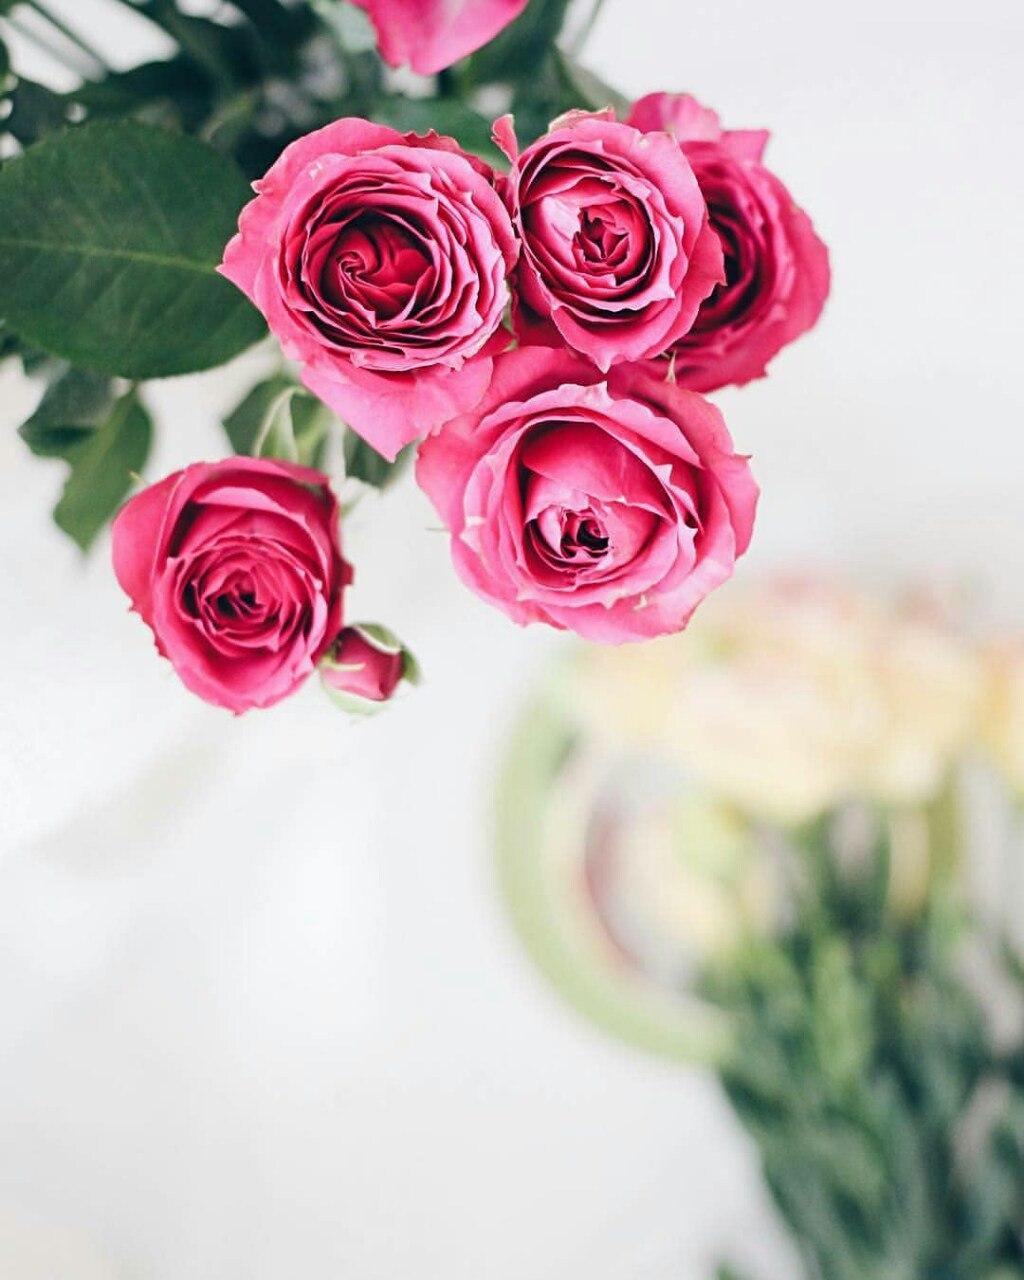 صورة خلفيات ورد , غير خلفيتك لصور الورد